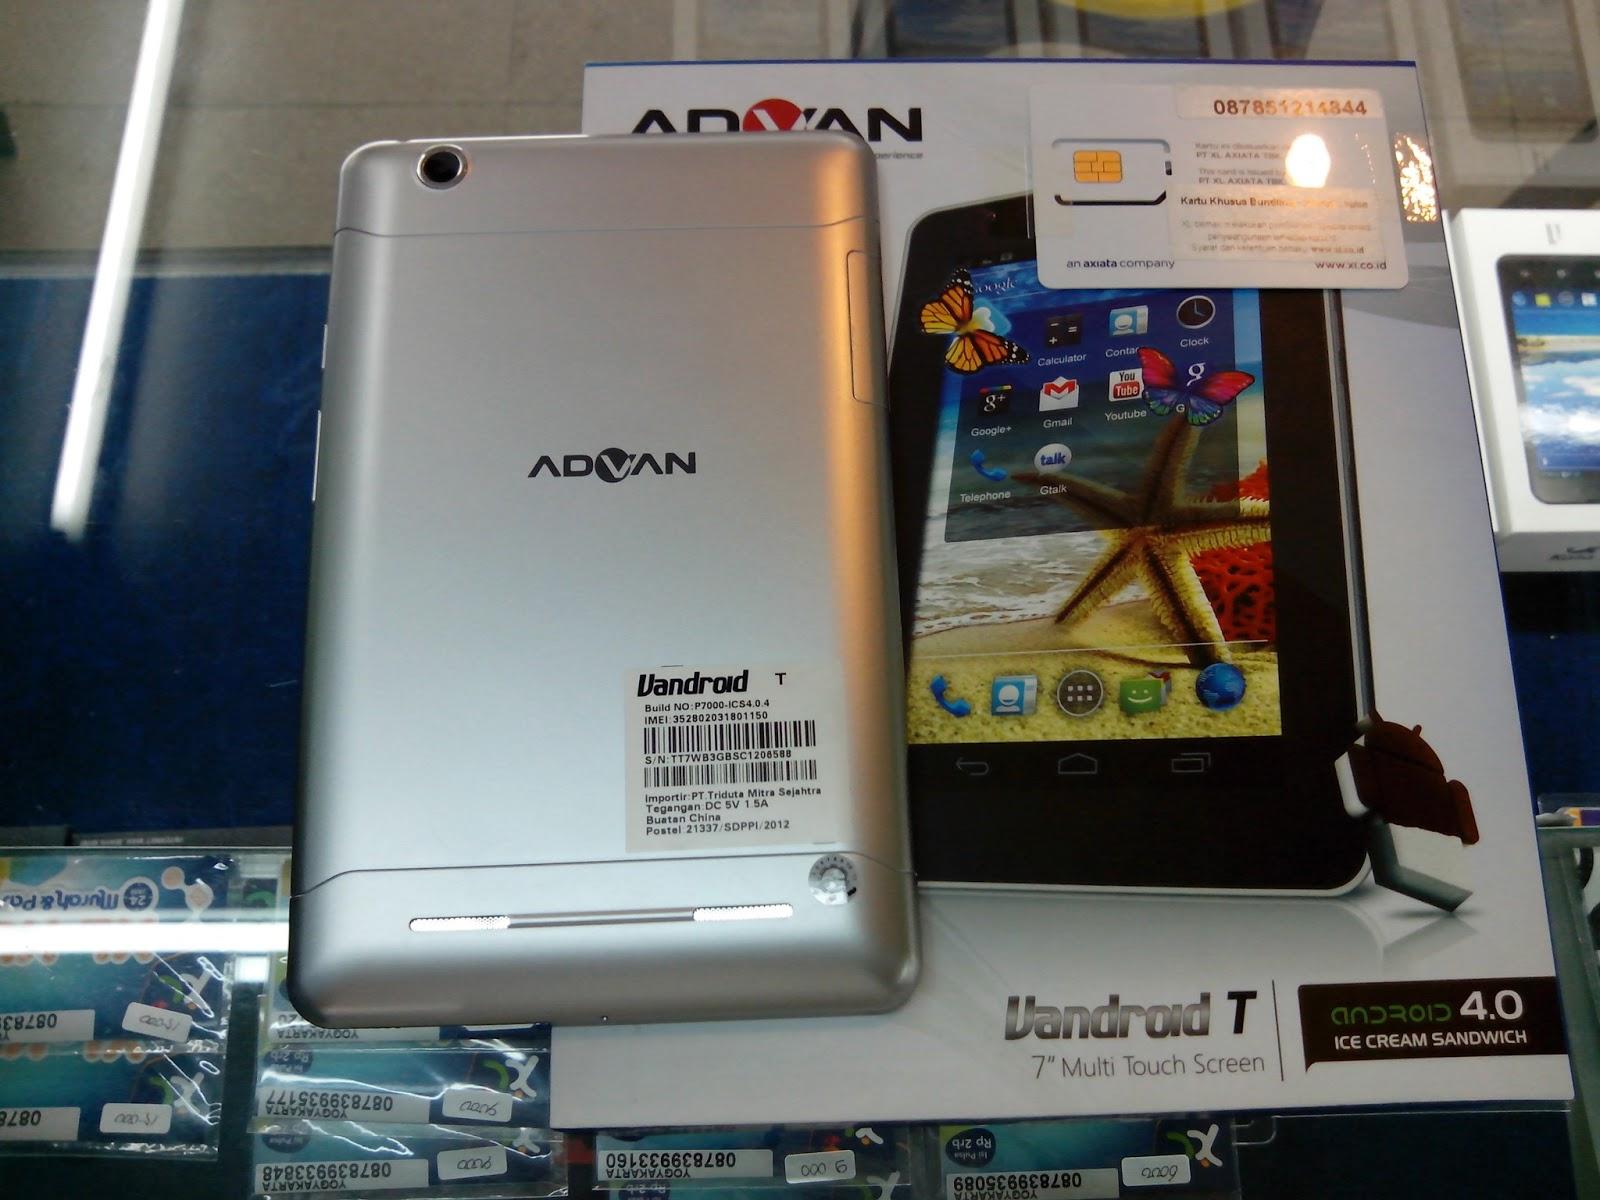 Advan Vandroid T 7 Tablet Bisa Call Dan Sms Dengan Harga Terjangkau